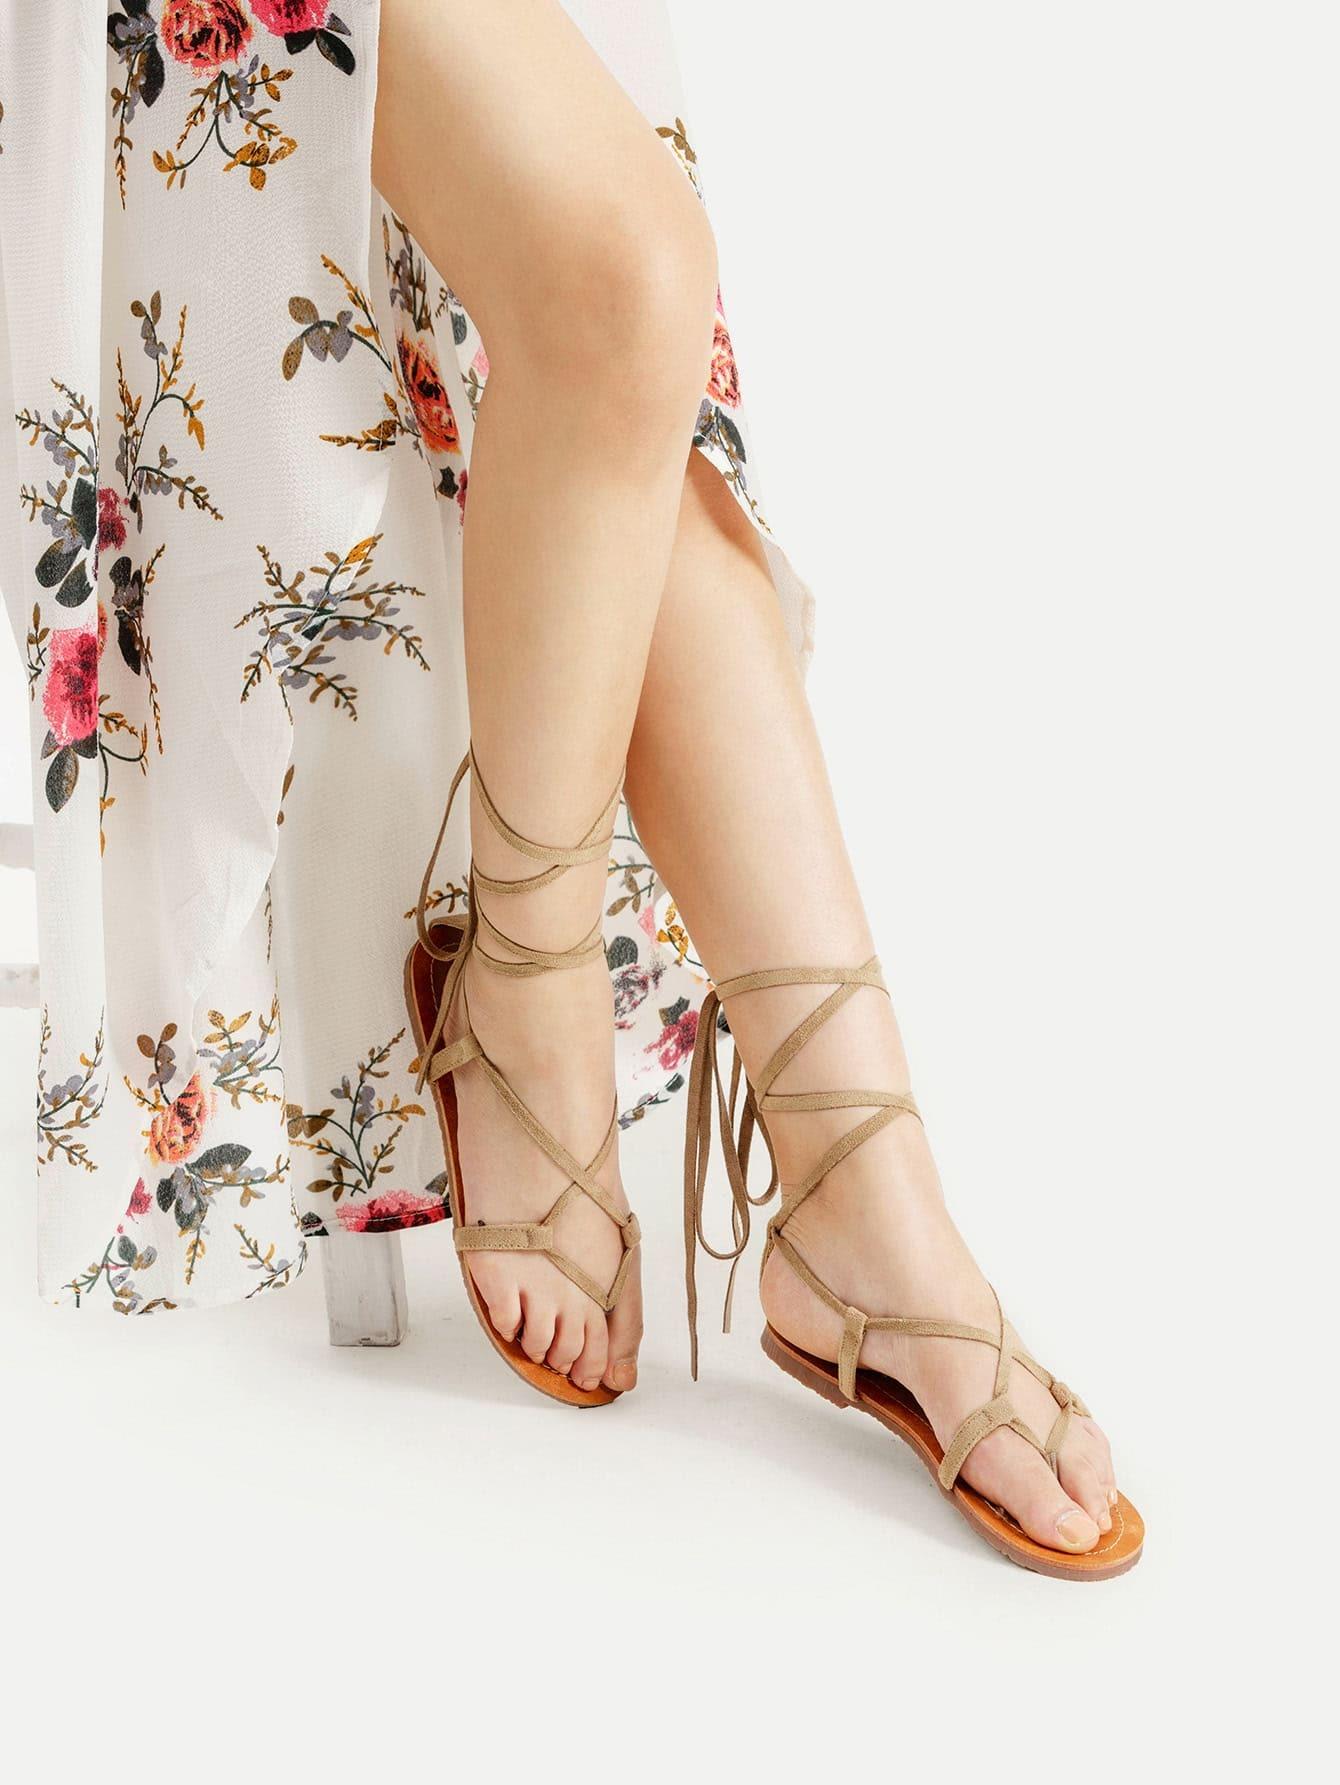 shoes170505805_2